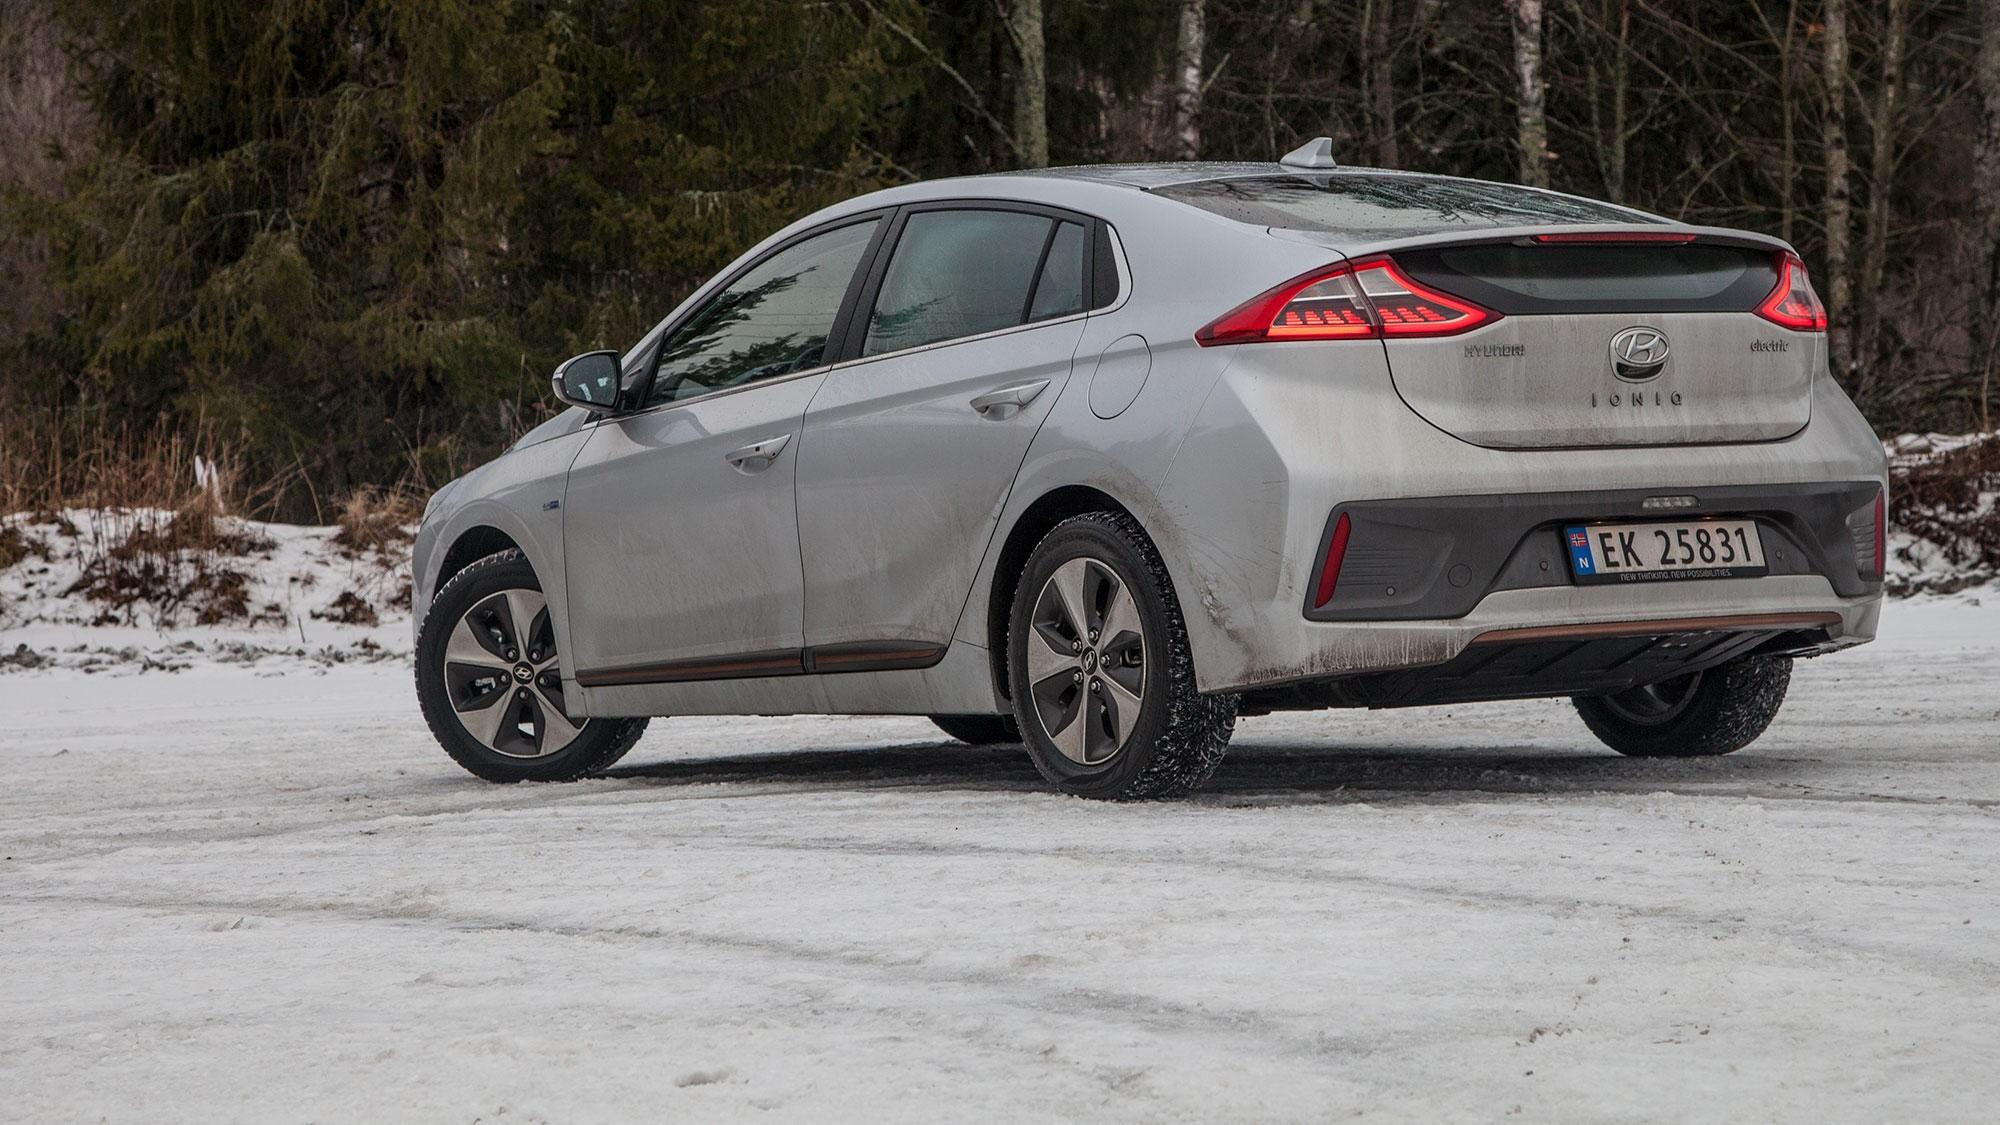 IONIQ: Hyundai har funnet ut at Toyota har laget en effektiv bil i Prius. Derfor fremstår koreanernes nye storsatsing ut som en kopi av designet til 3. generasjon av Toyotas stolthet. Men bare i designet. (Hyundai sier det handler om lav luftmotstand, der begge har det oppgitte luftmotstandstallet 0,24)